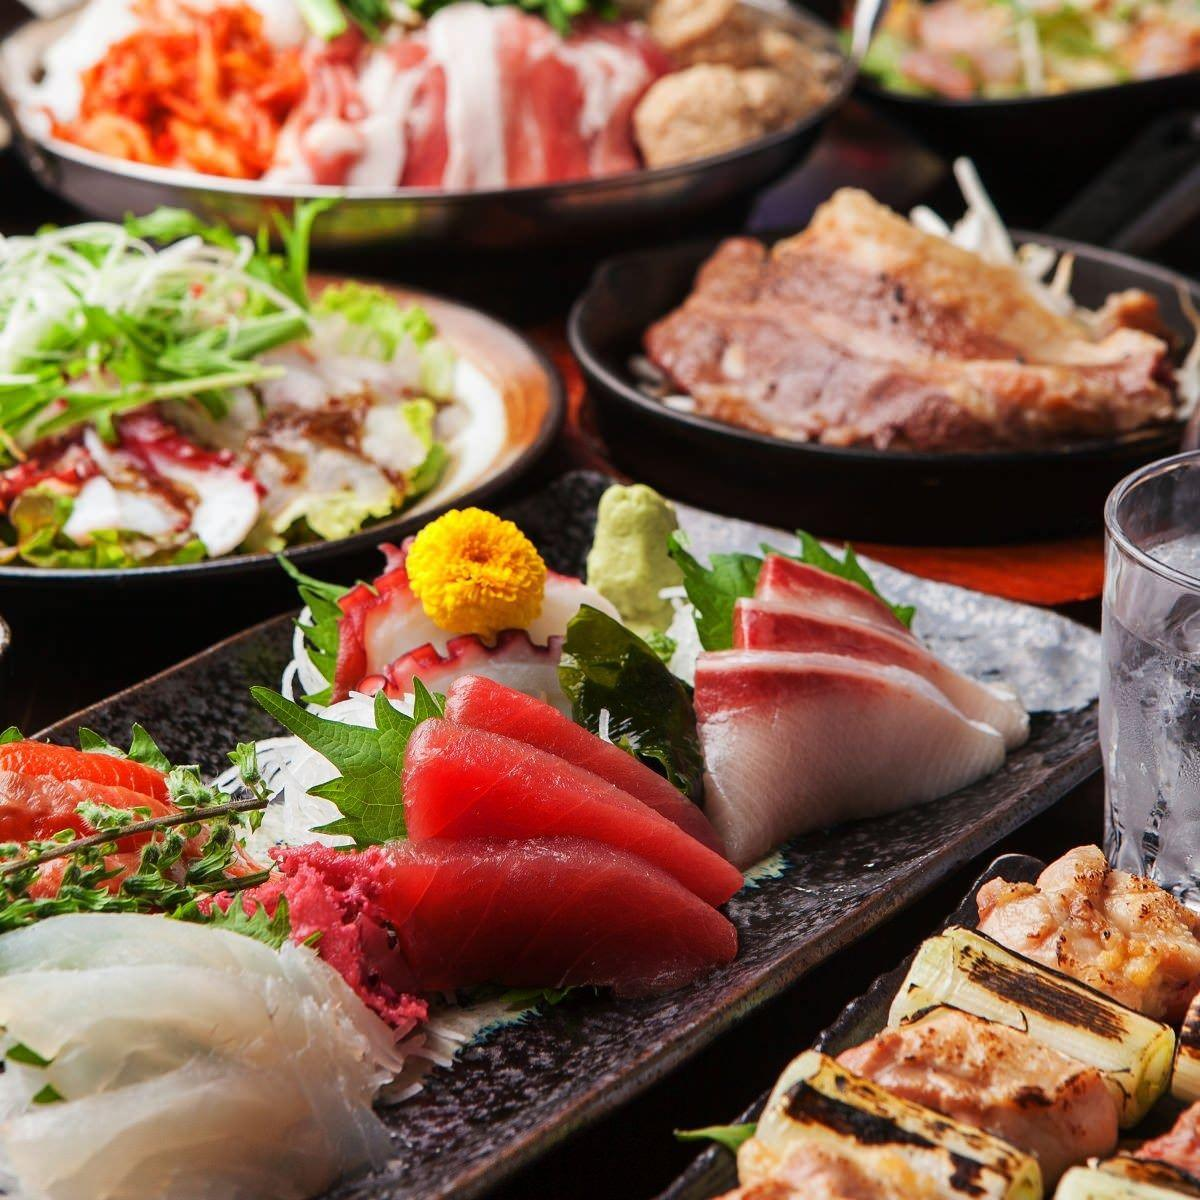 旬魚鮮肉×產地直營 北海道幾藏 上野本店